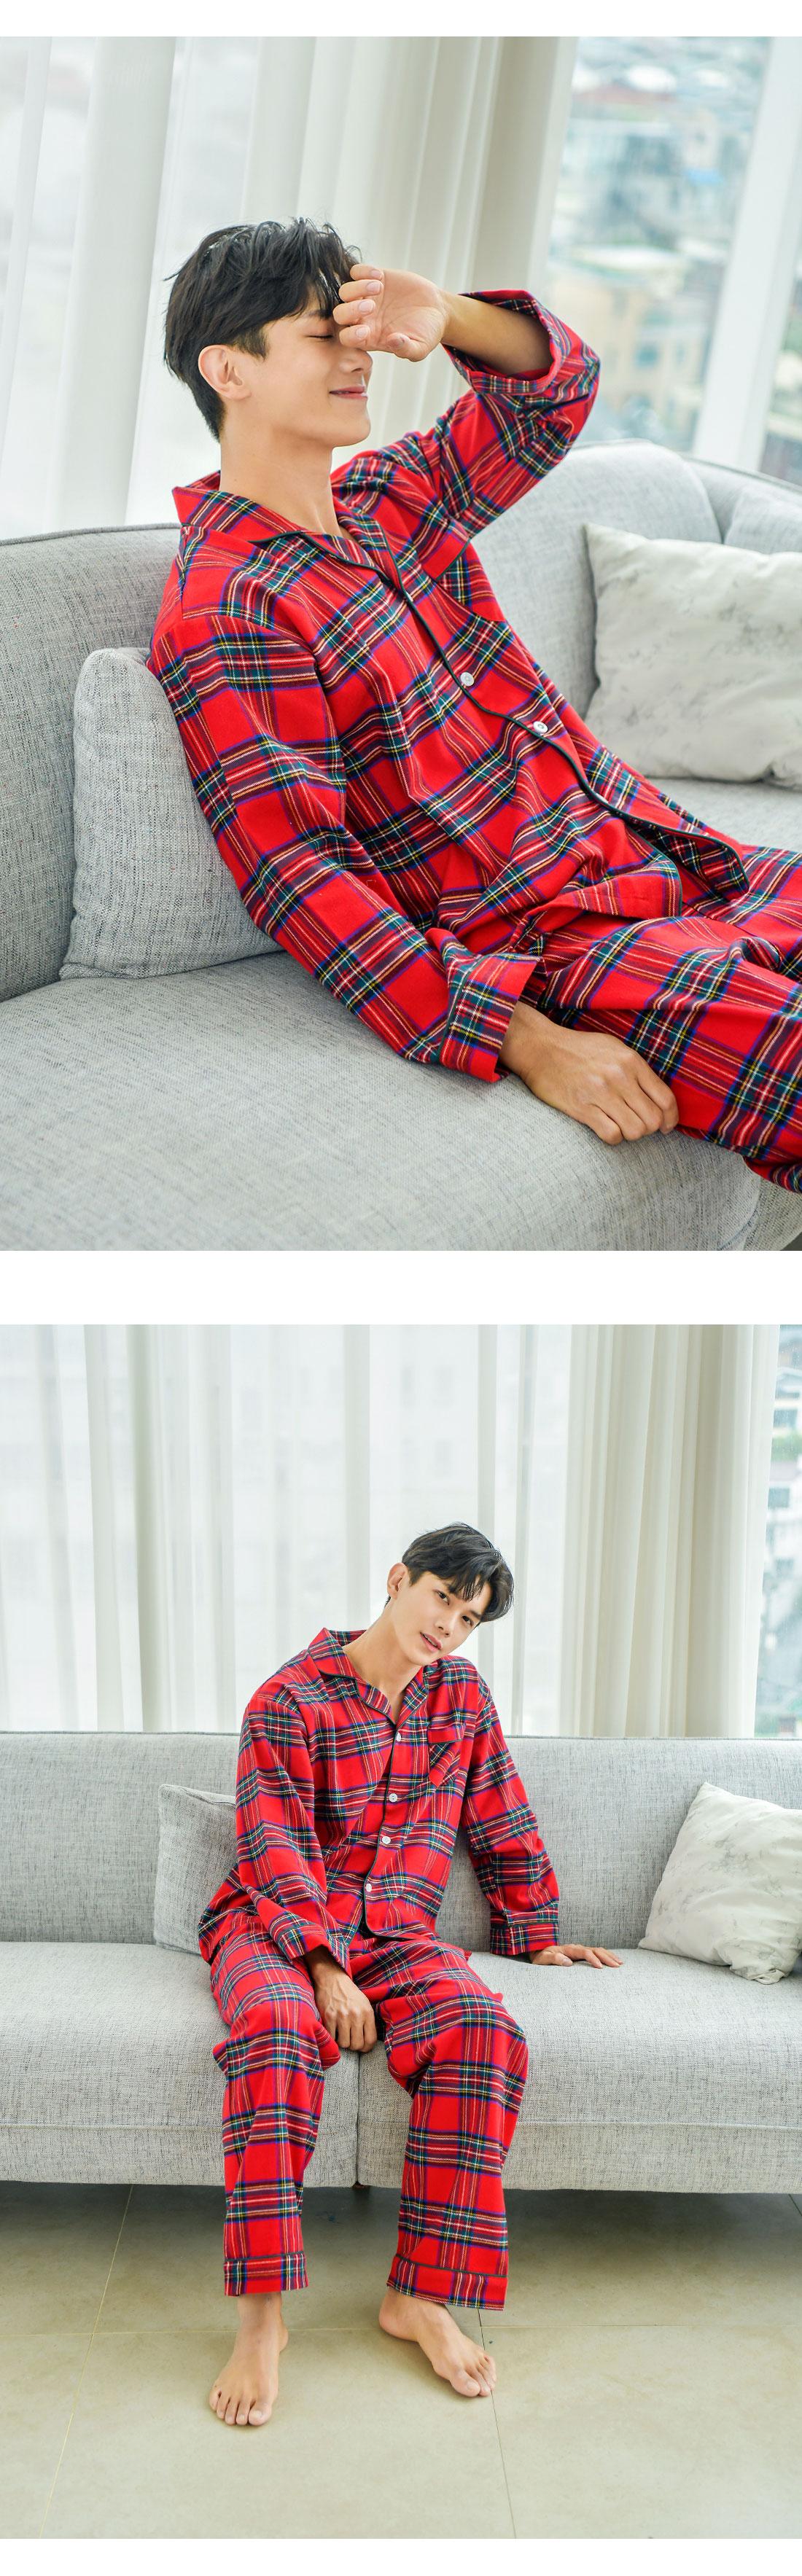 로니 체크 기모면 남자 겨울잠옷 파자마 - 바이메이비, 73,800원, 잠옷, 남성파자마